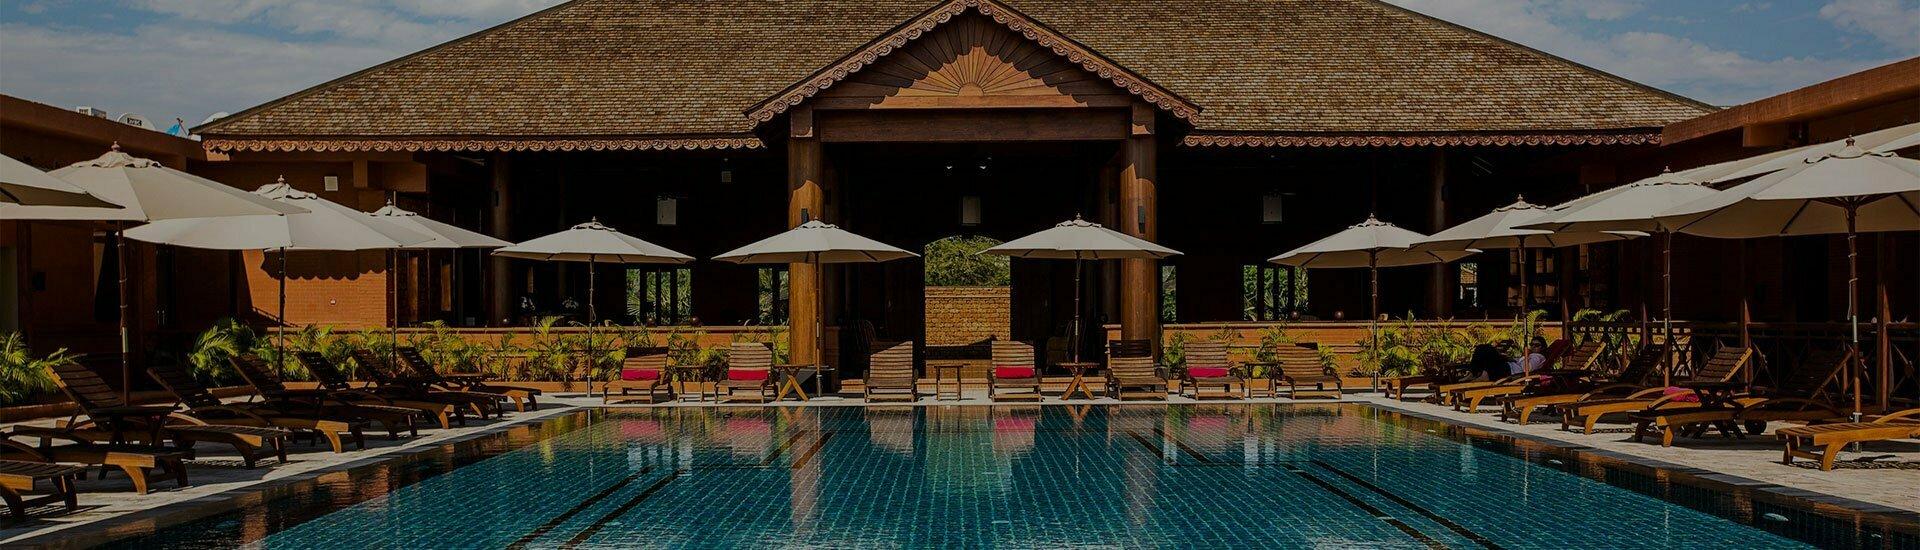 voyage en birmanie - luxe birmanie